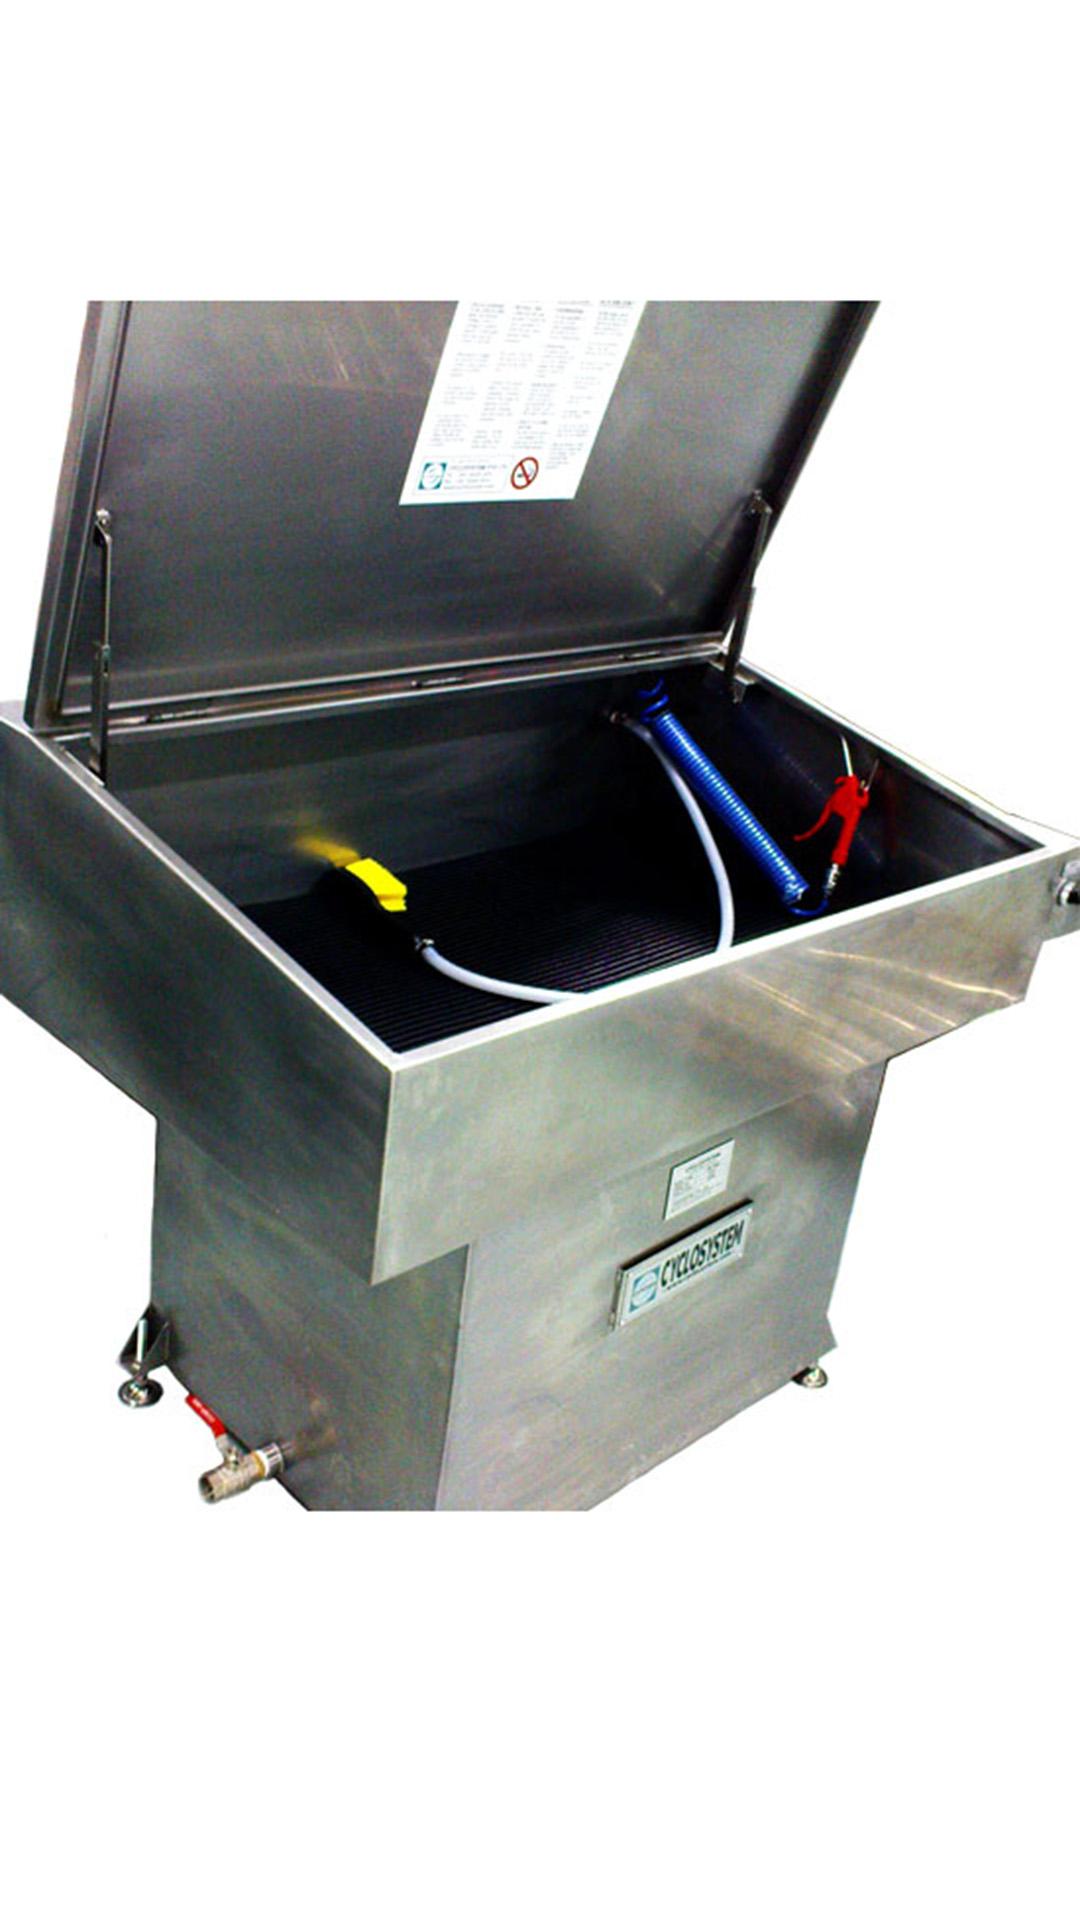 ulbrich-maschinenbau-cyclojet-manu-cleaner